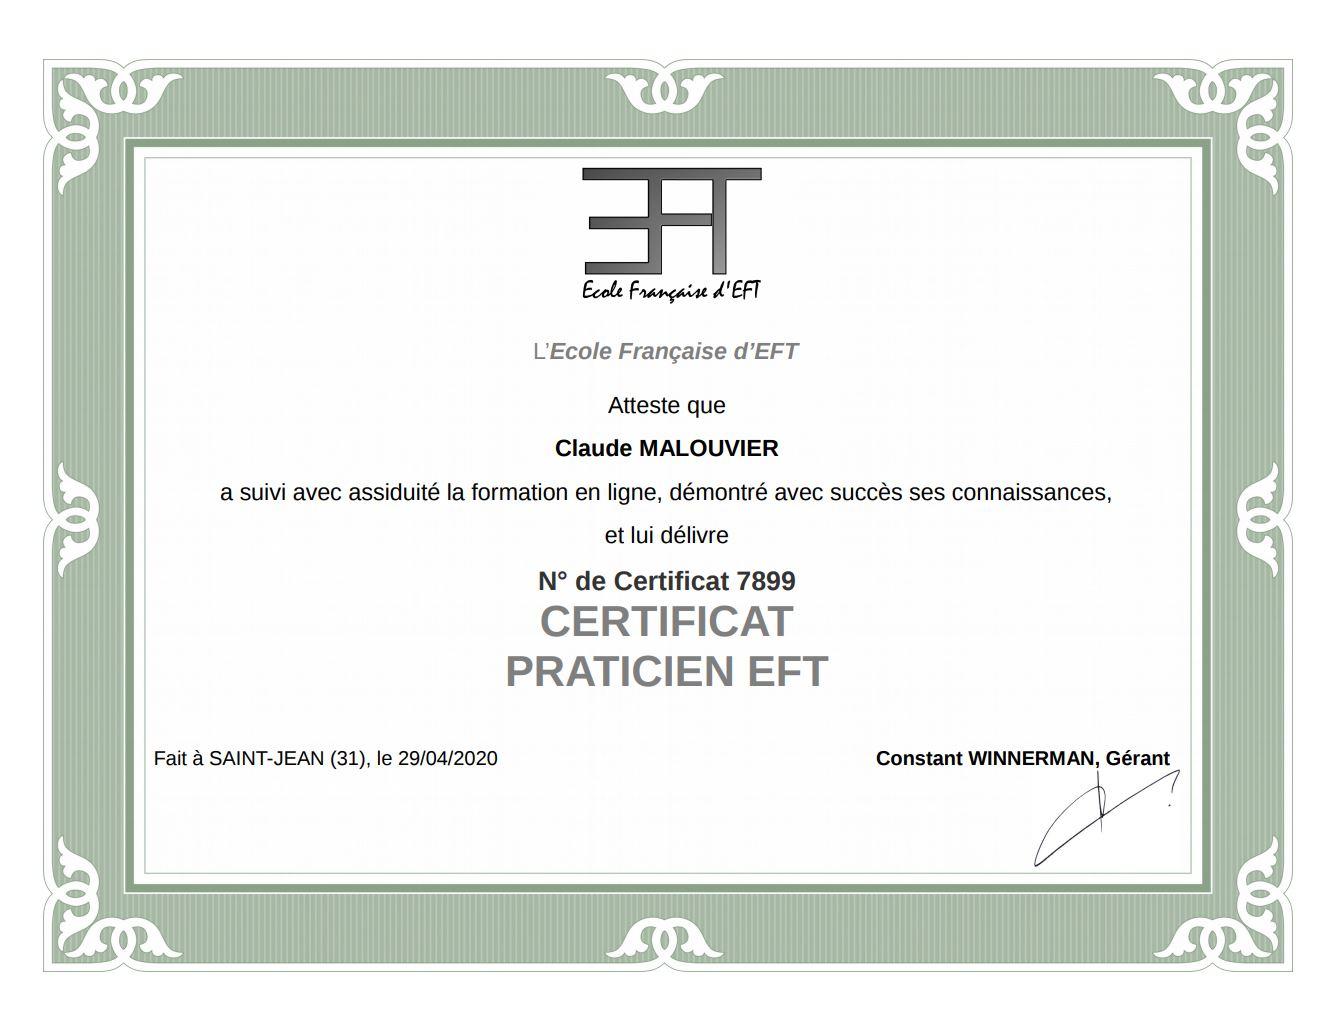 Praticien EFT libération émotionnelle - Sénart 77 - Claude Malouvier